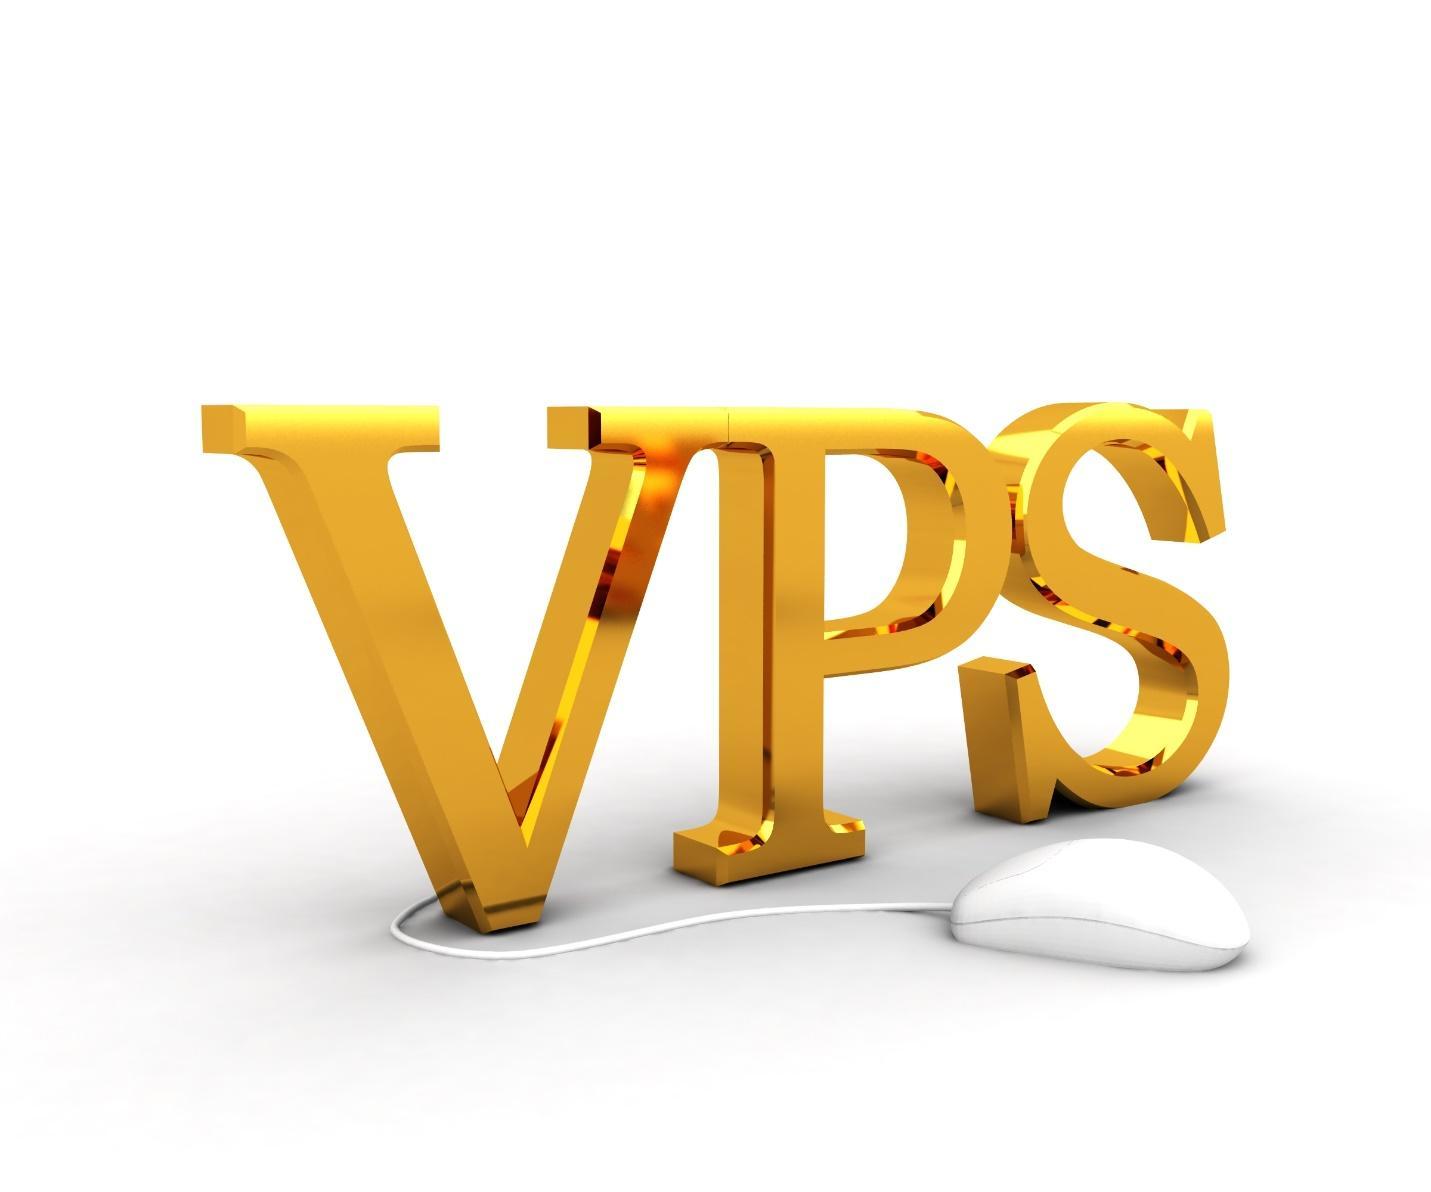 Vietnix cung cấp gói sản phẩm tốt nhất